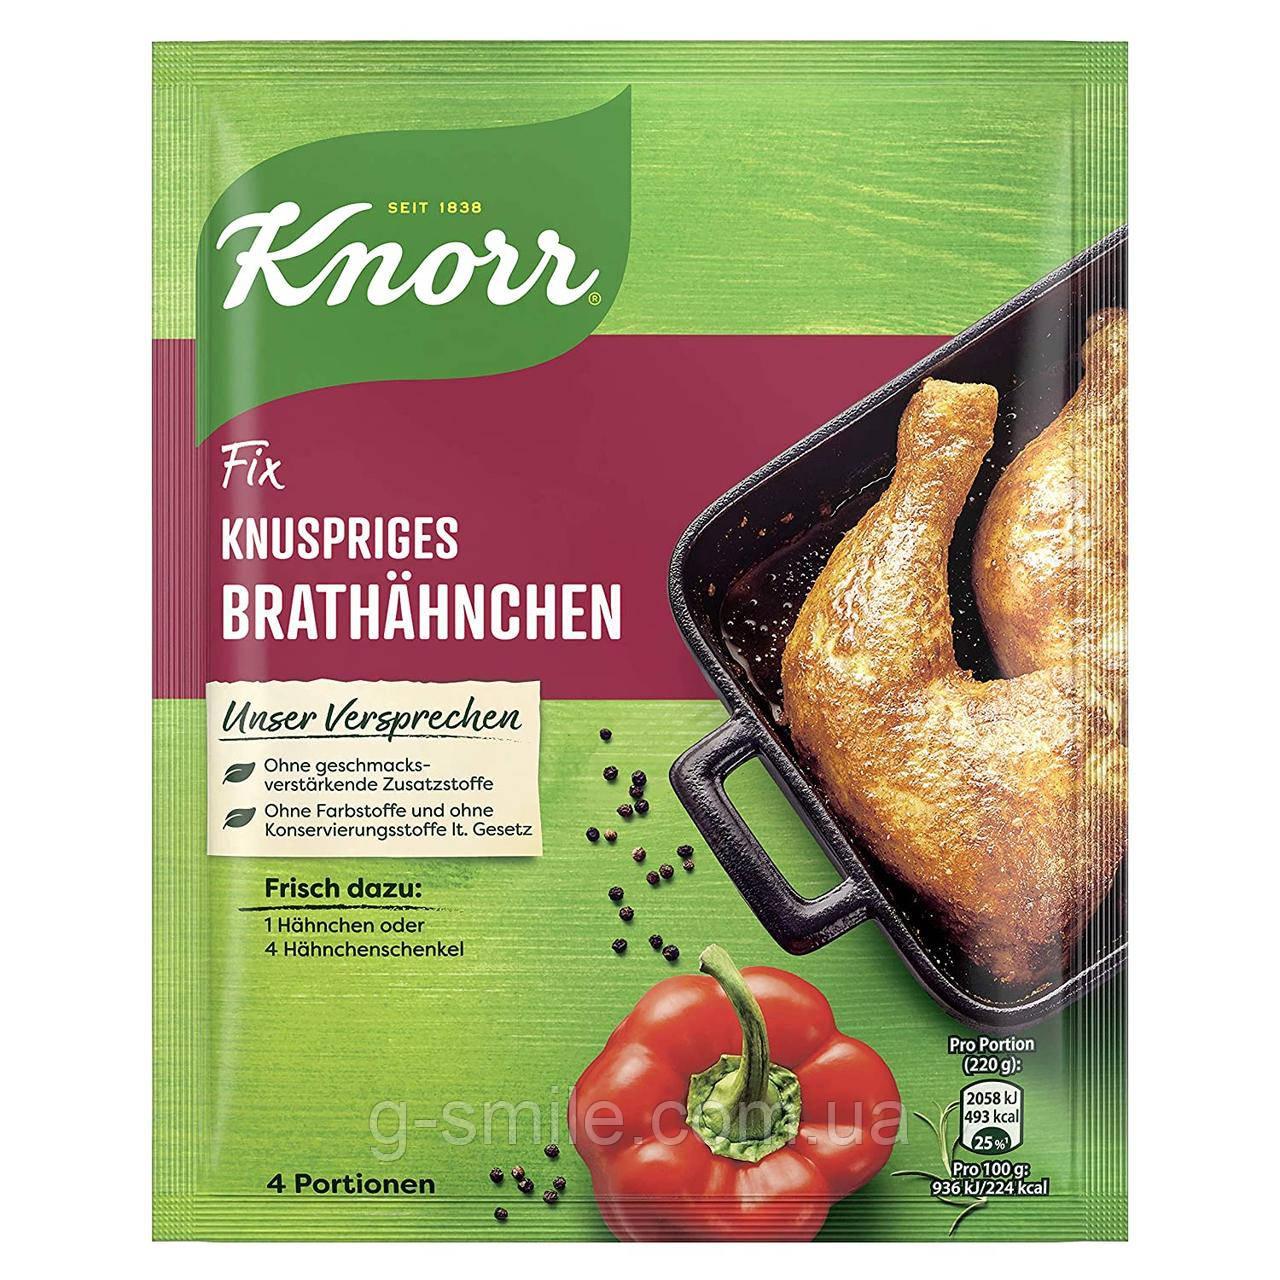 Приправа Knorr Fix для хрусткого смаженого курчати